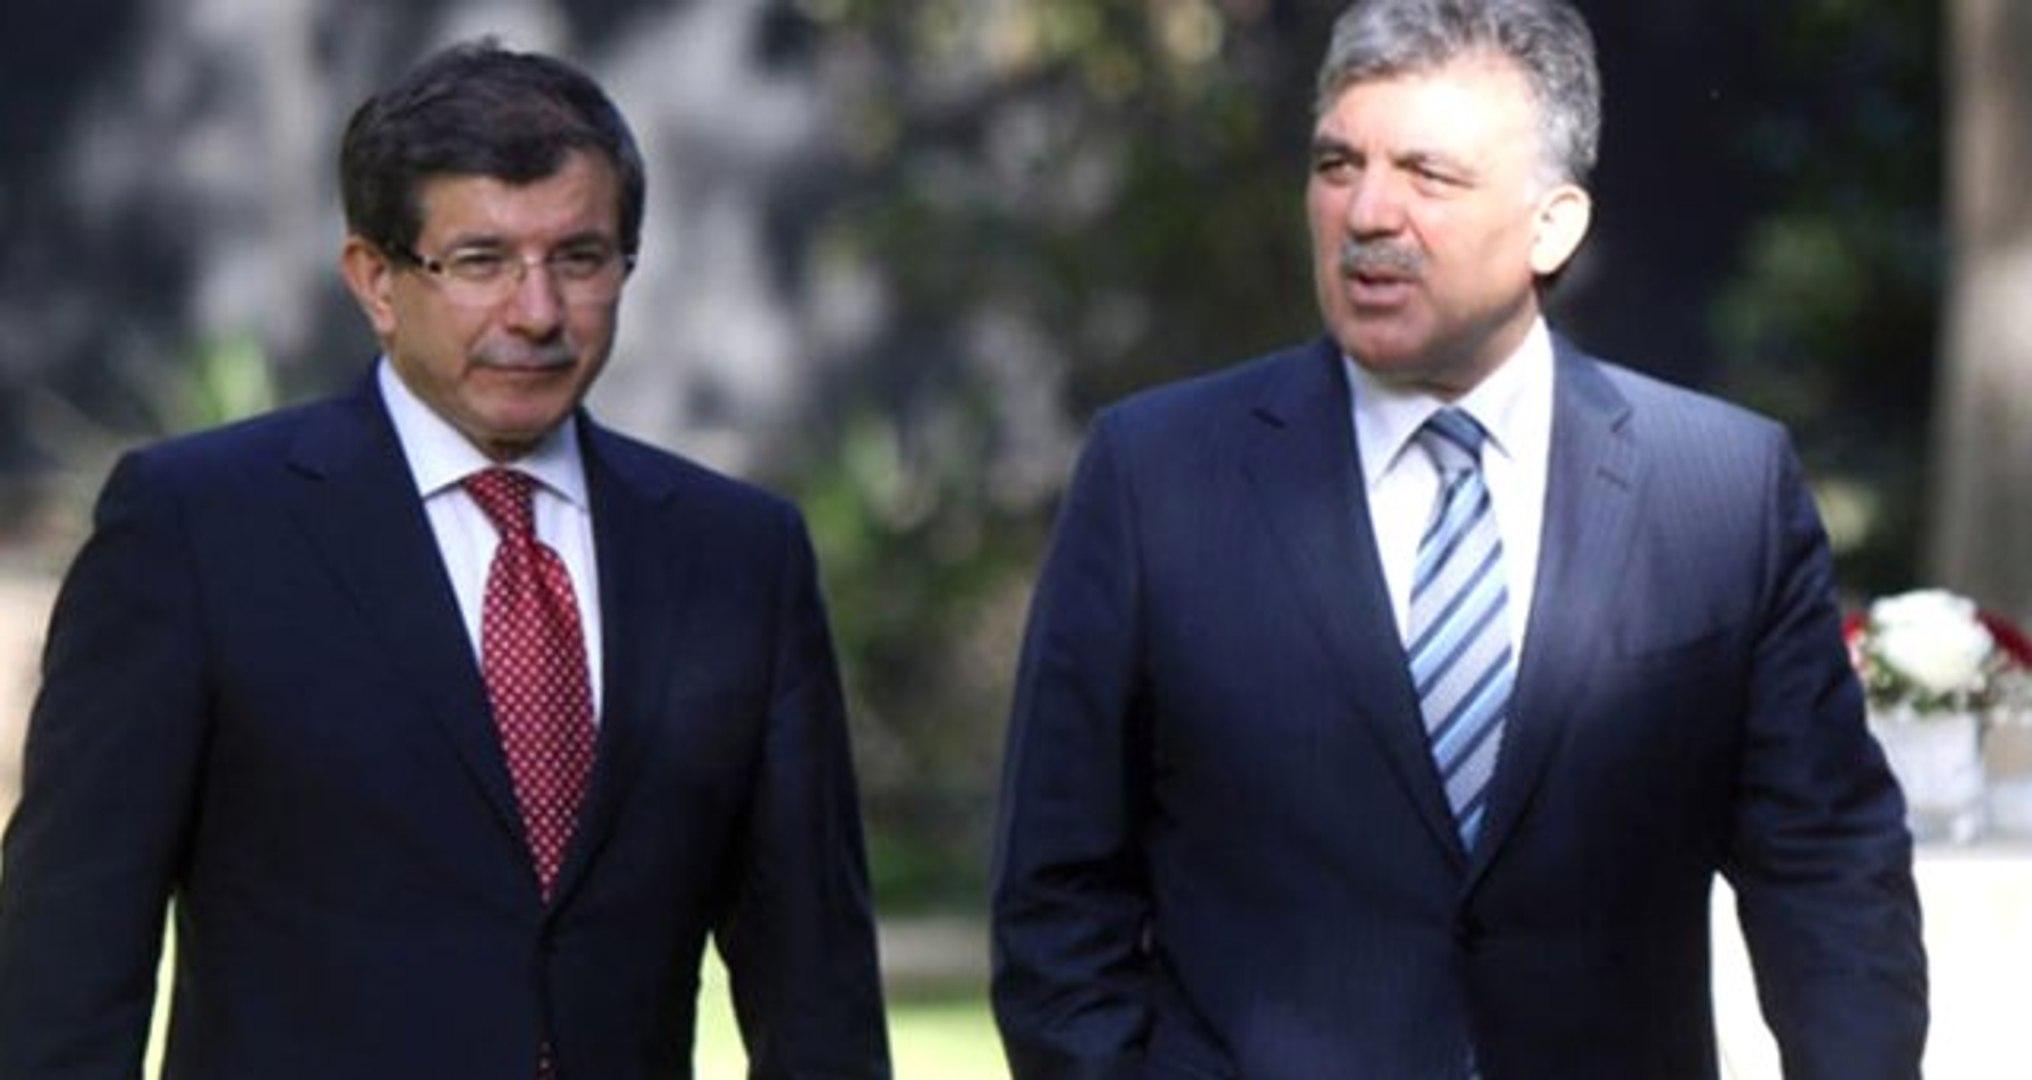 Eski Başbakan Davutoğlu'nun Danışmanı Yeni Parti İddialarına Yanıt Verdi: Olmaması Kaçınılmaz